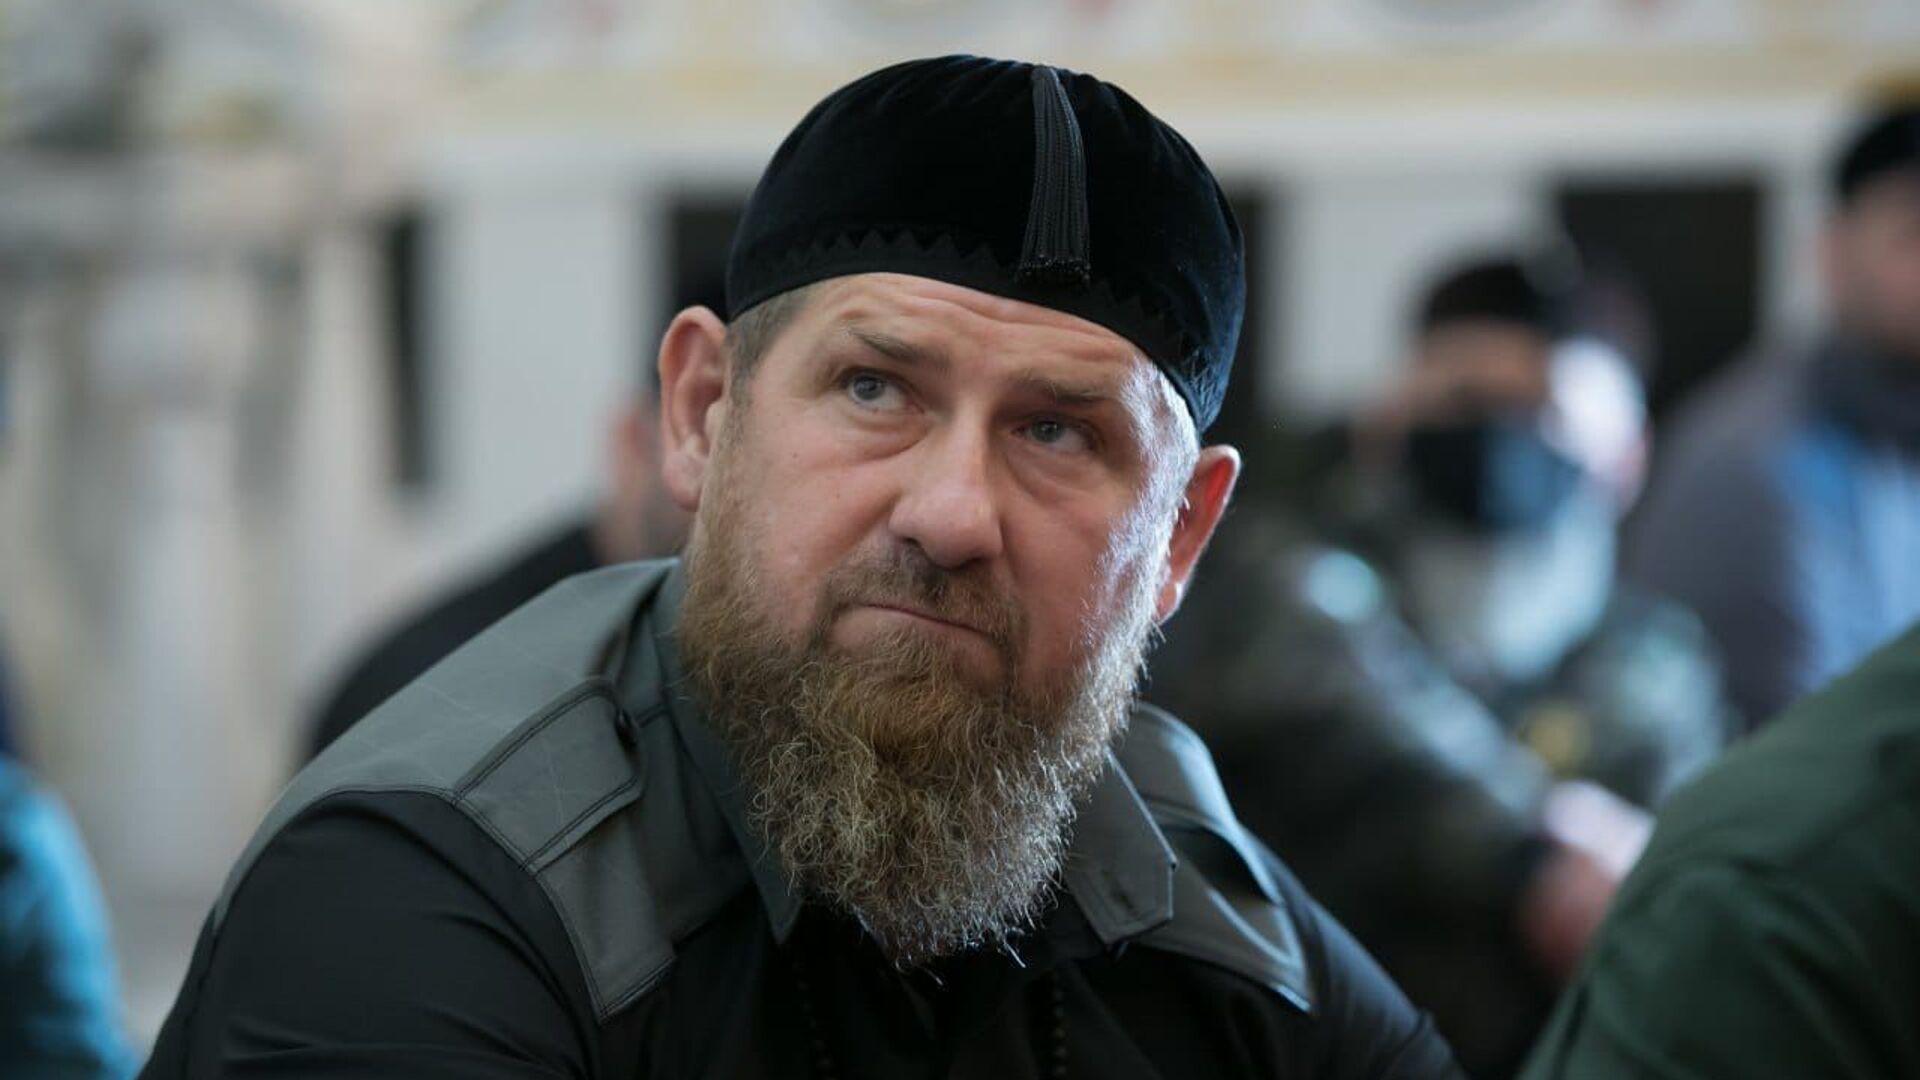 Глава Чечни Рамзан Кадыров - Sputnik Таджикистан, 1920, 03.09.2021